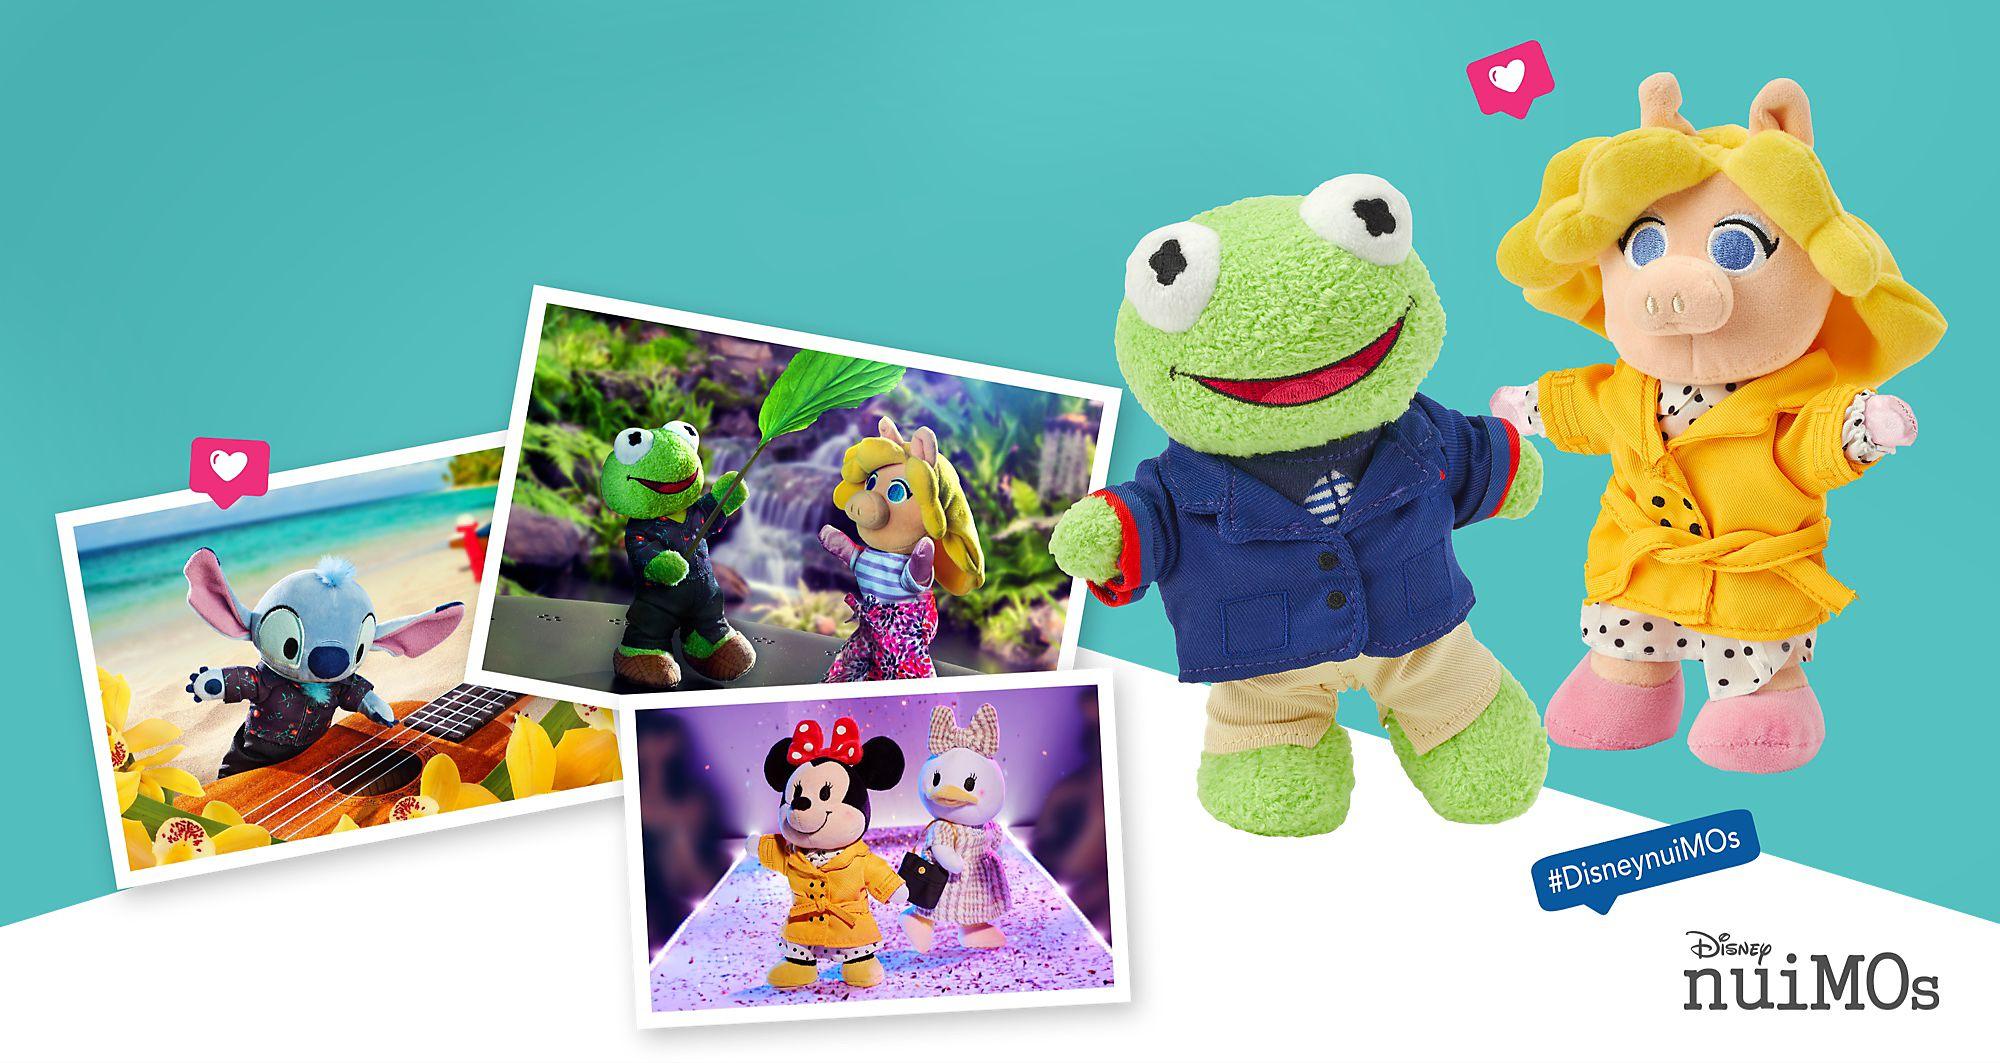 Da la bienvenida a Gustavo y la señorita Peggy a la familia de nuiMOs de peluche de Disney Quién mejor para presentar la segunda colección de moda, la más reciente, que estos iconos del estilo. COMPRAR DISNEY NUIMOS